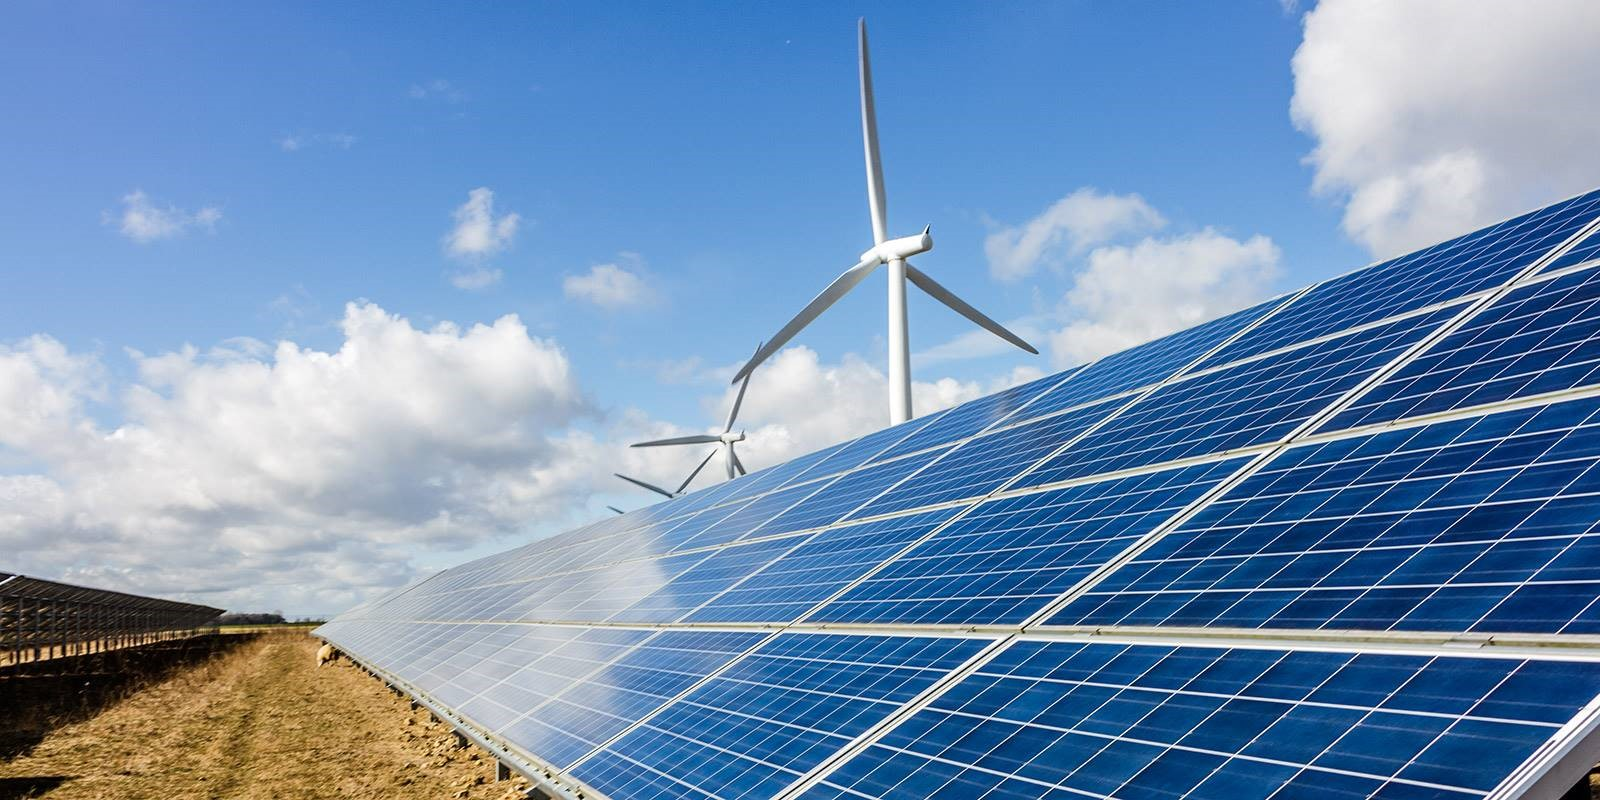 Yenilenebilir enerji kapasitesi yüzde 49 büyüyecek